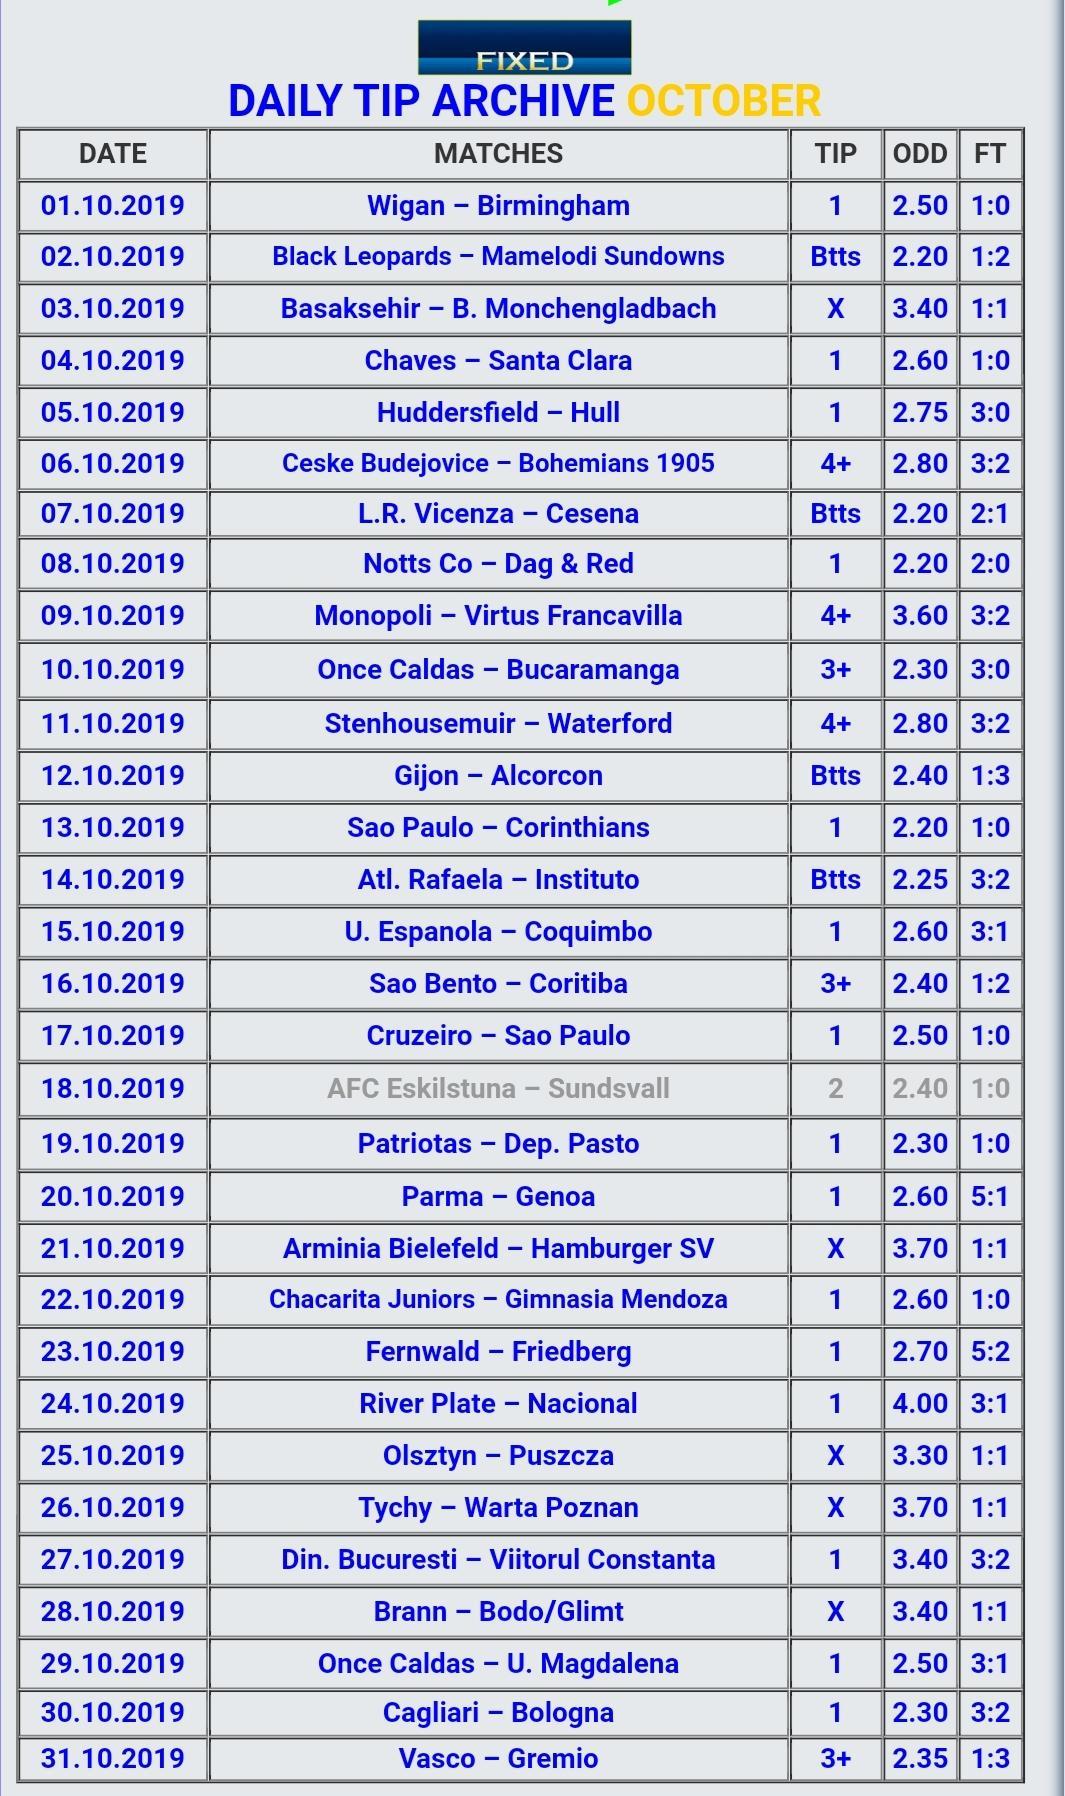 Best Fixed Matches Website 100% Safe Football